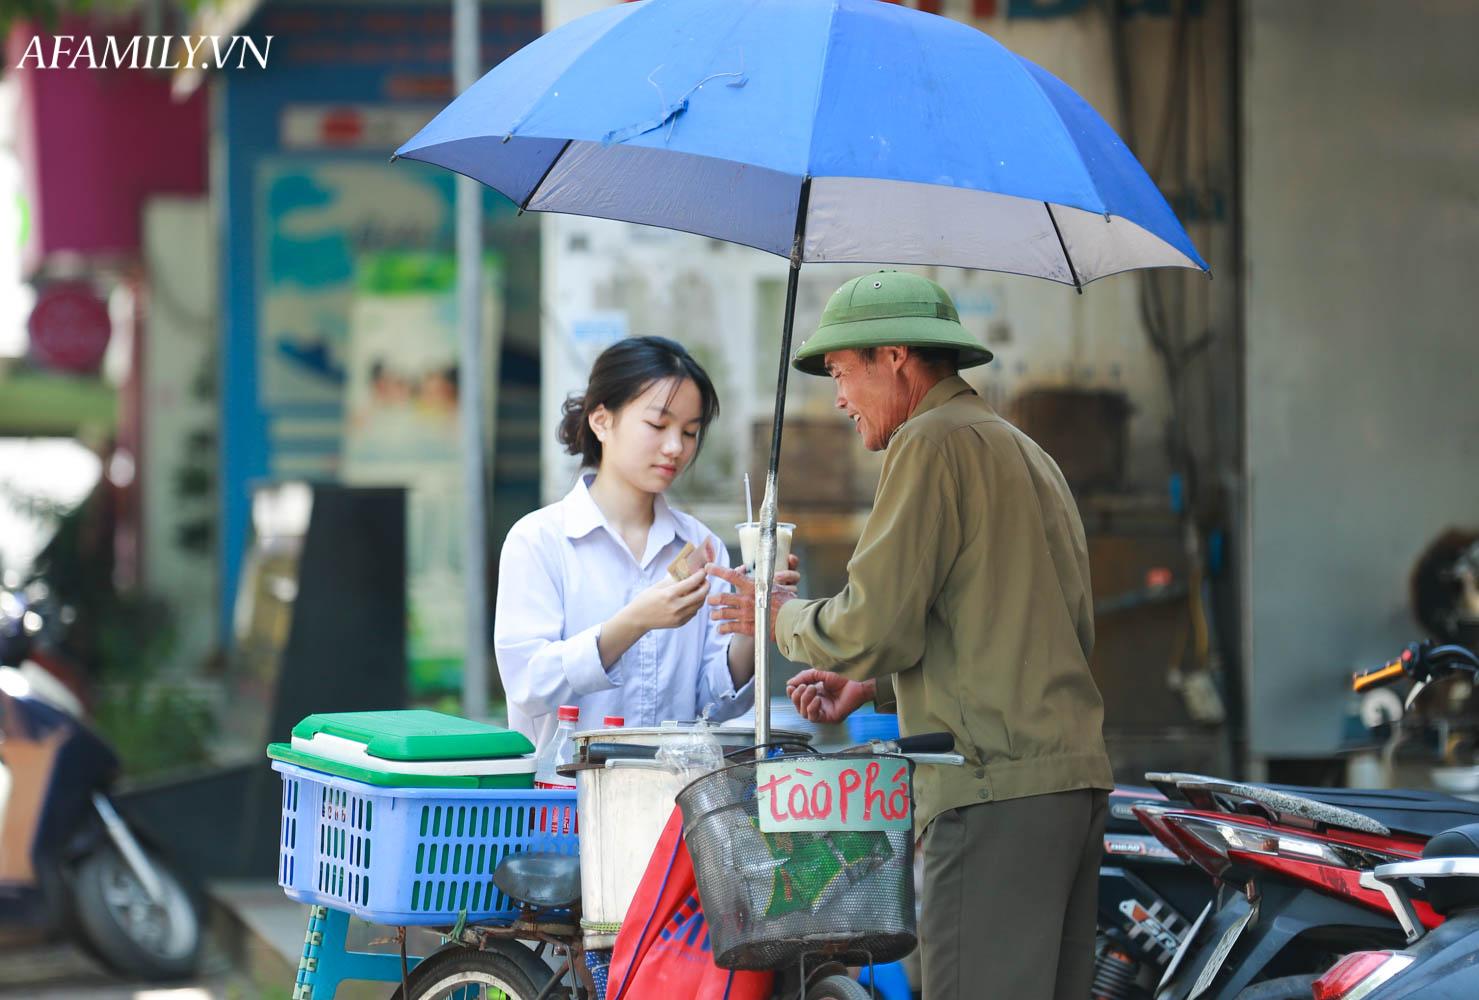 Người Hà Nội vất vả tìm mọi nơi, thử mọi cách để trốn cái nắng cực gay gắt có nơi lên đến 40 độ - Ảnh 12.